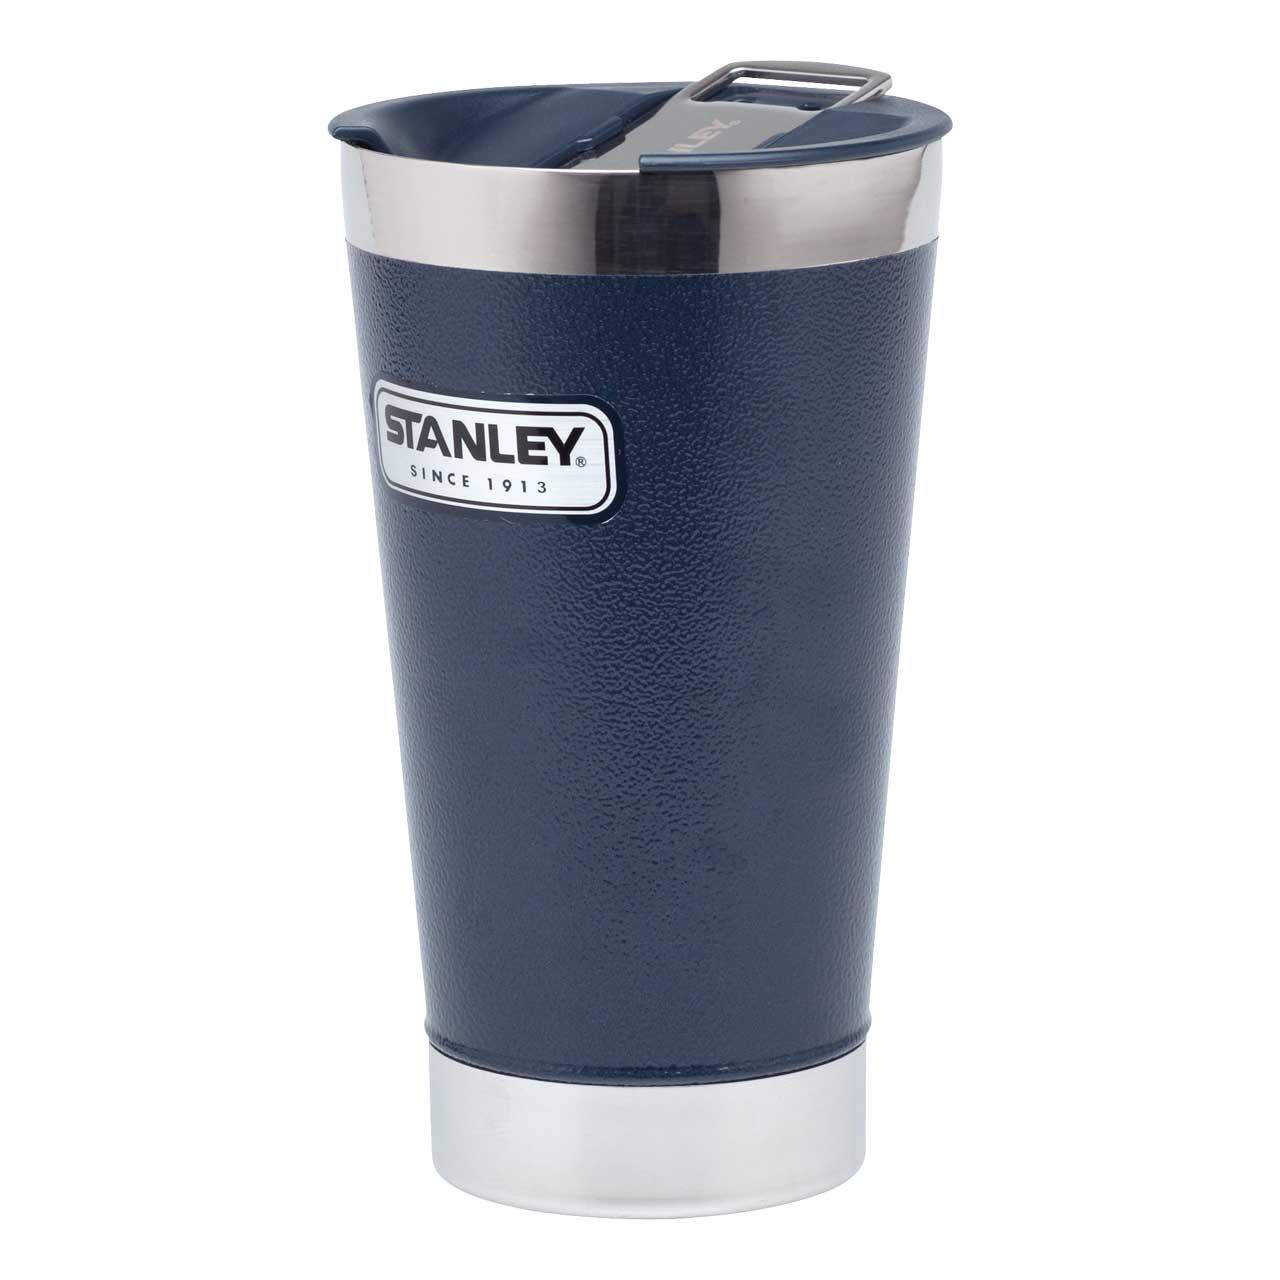 Stanley VACCUM PINT Becher 18/8 Edelstahl Vakuum-Isolation, Flaschenöffner, blau